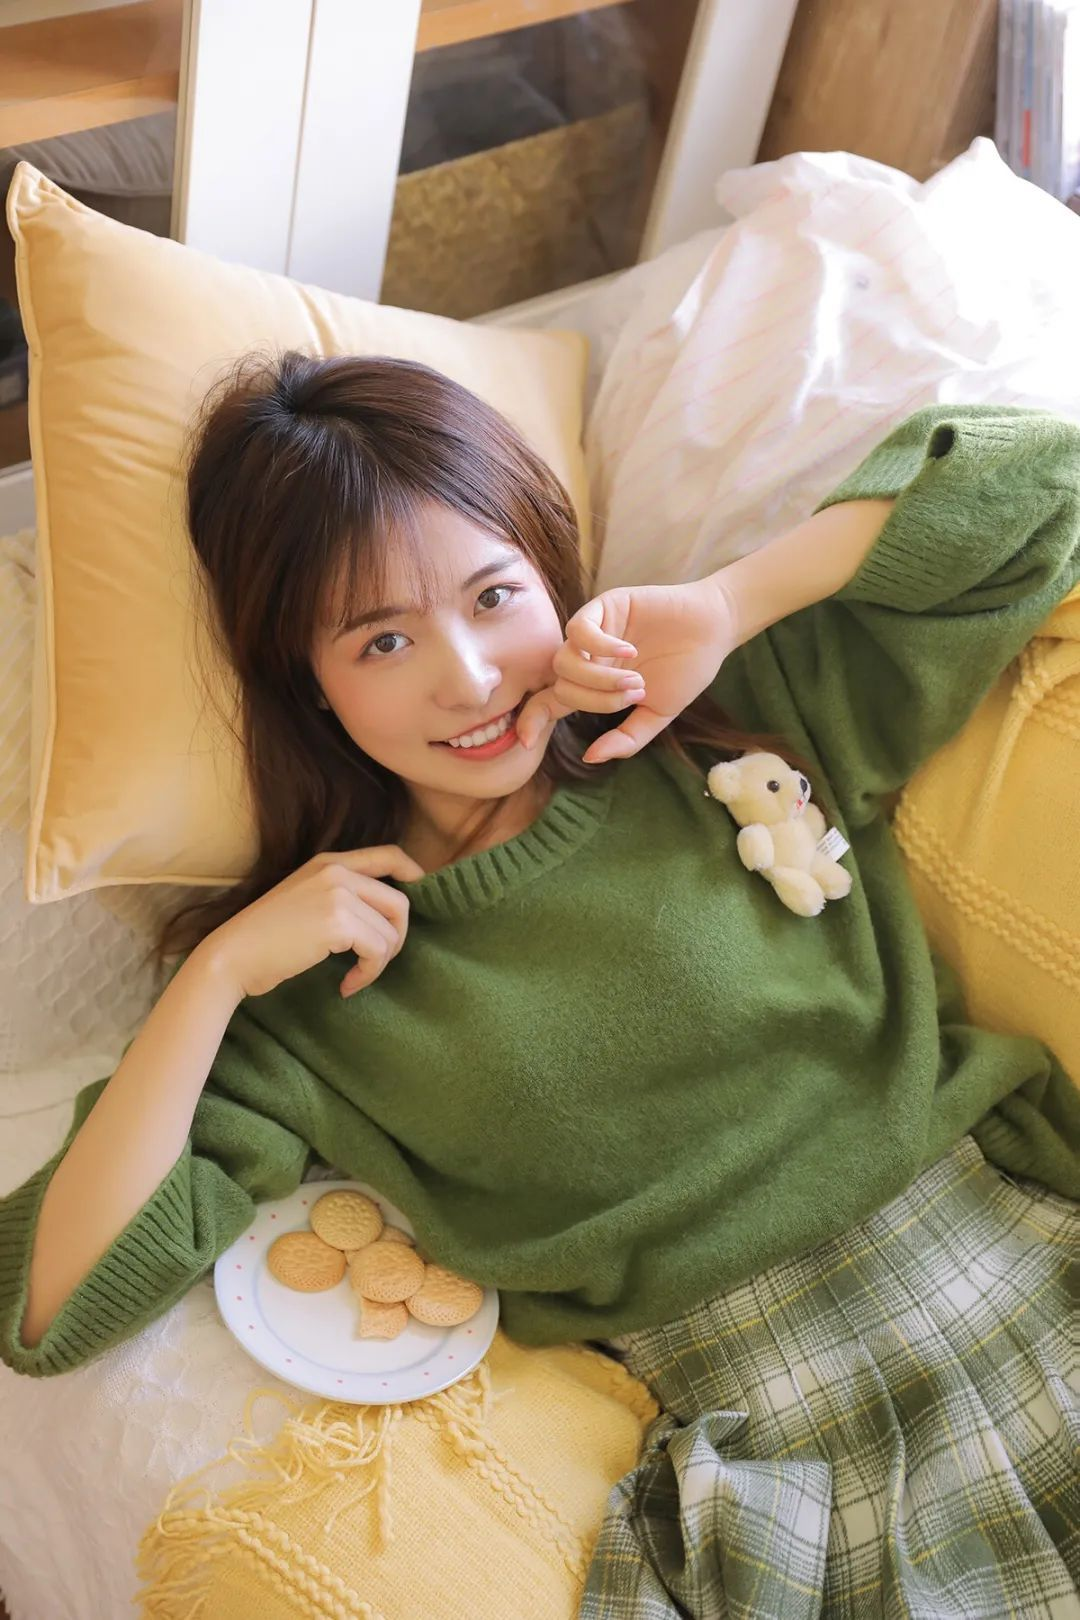 妹子摄影 – 甜美迷人短裙毛衣 美腿少女_图片 No.8